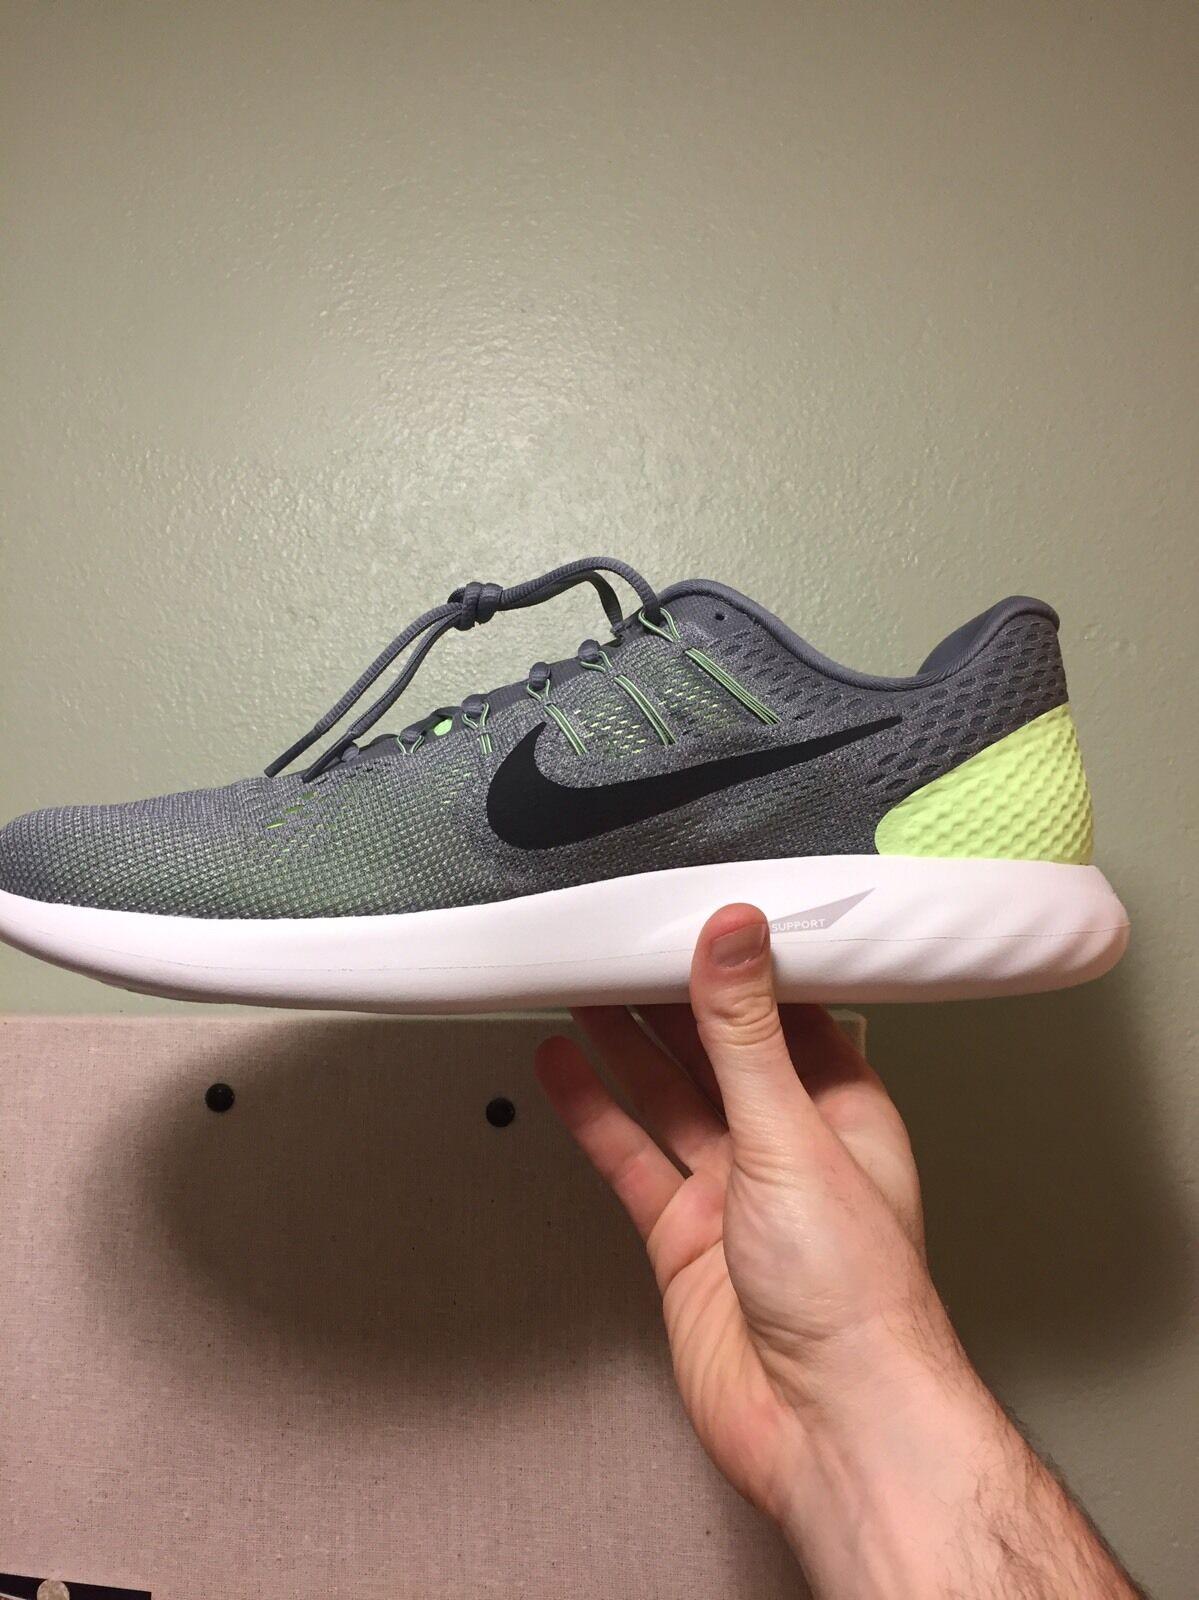 Men's Nike Lunarglide 8 *size 15* (843725 300) No Box